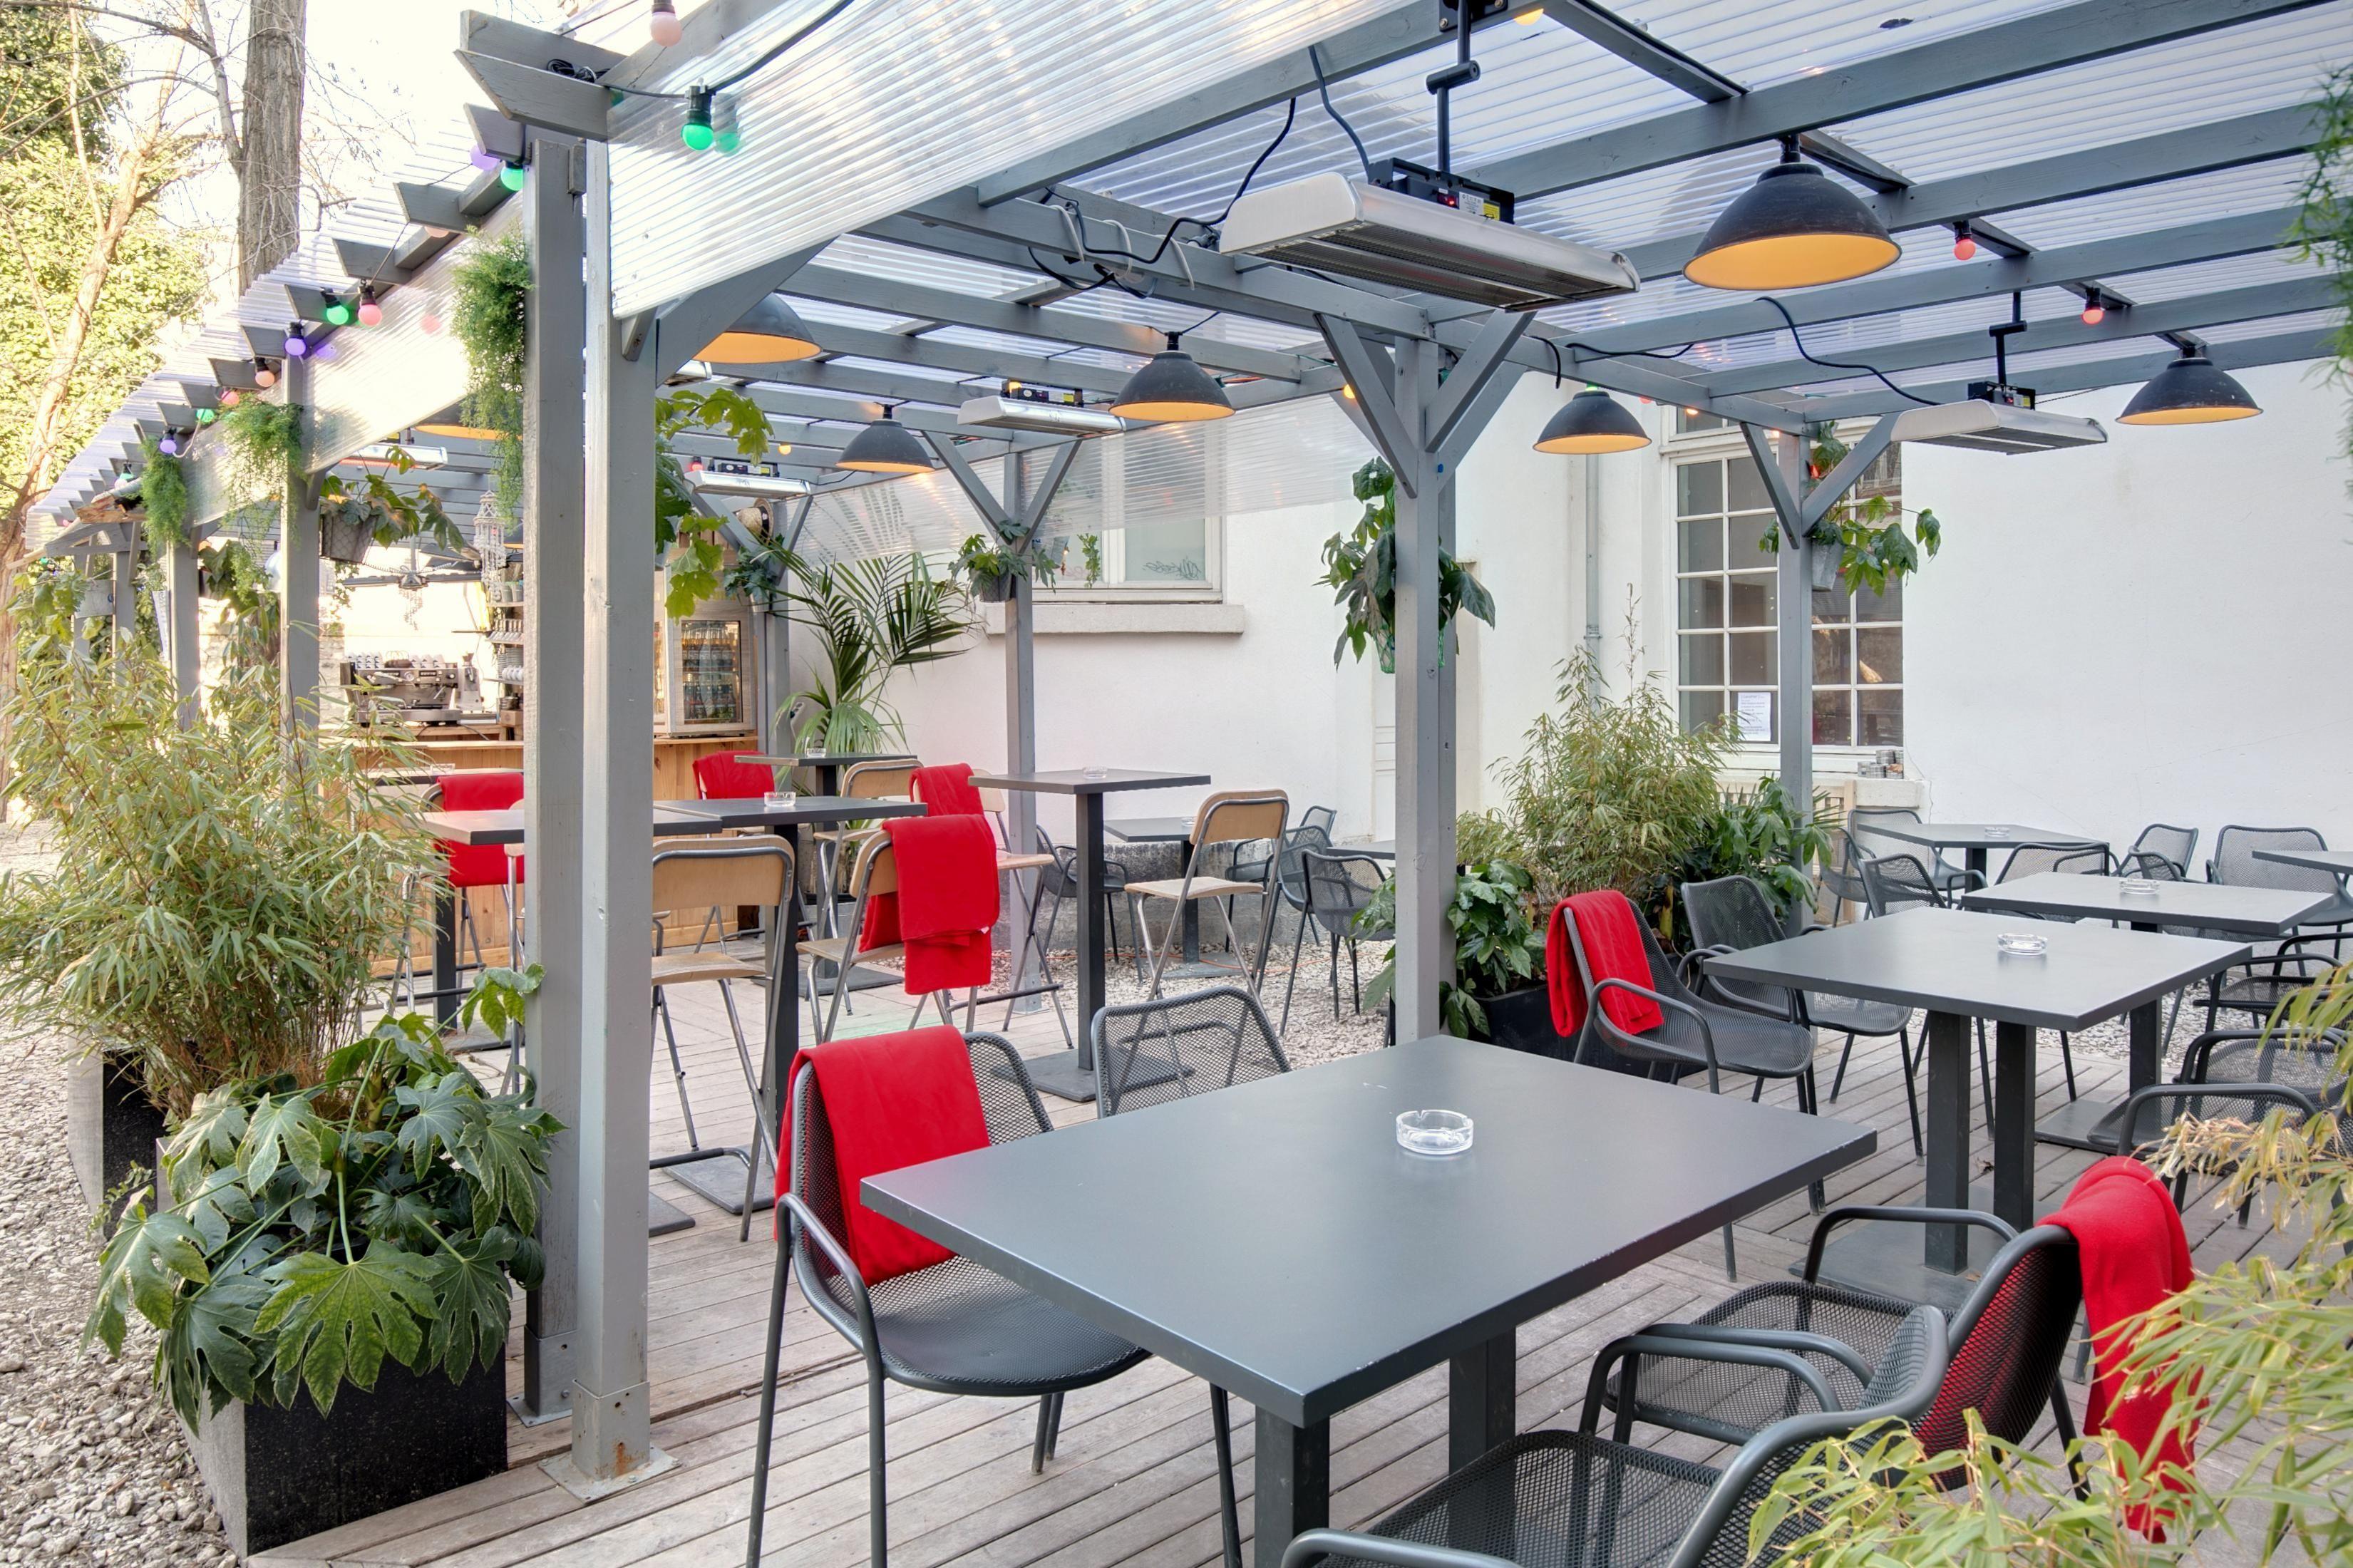 Terrasse Canal Saint Martin terrasse paris bar-pergola gare de l'est café a canal st